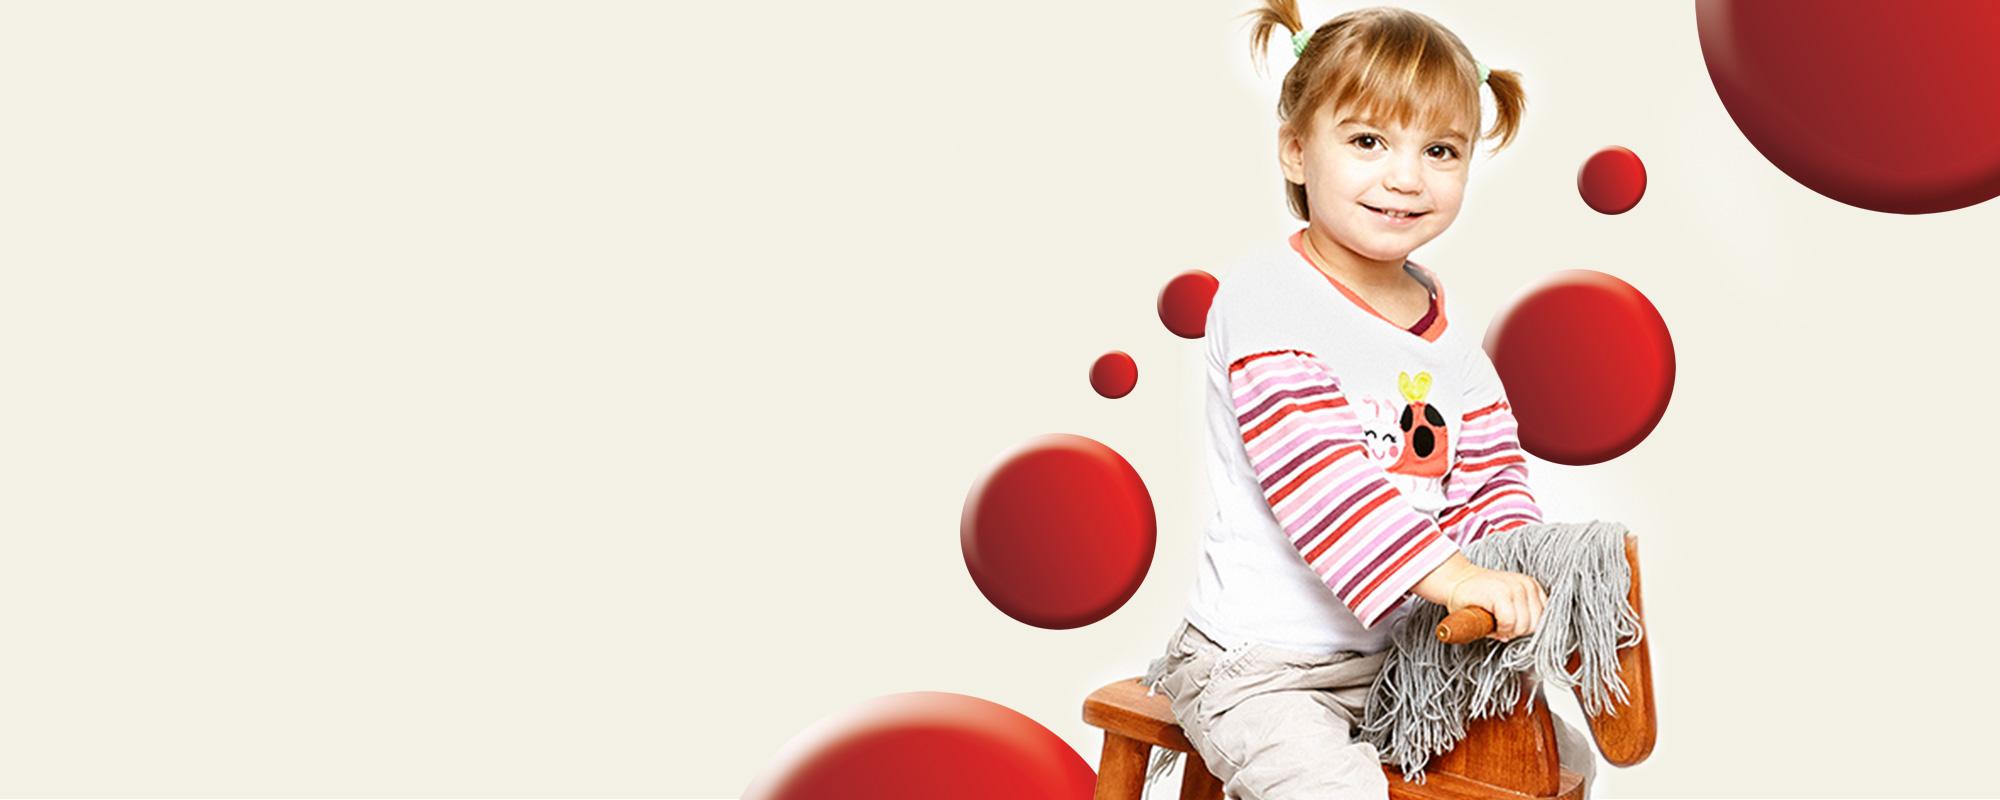 Léna, az első magyar kislány Segítő Kéz Programunkban